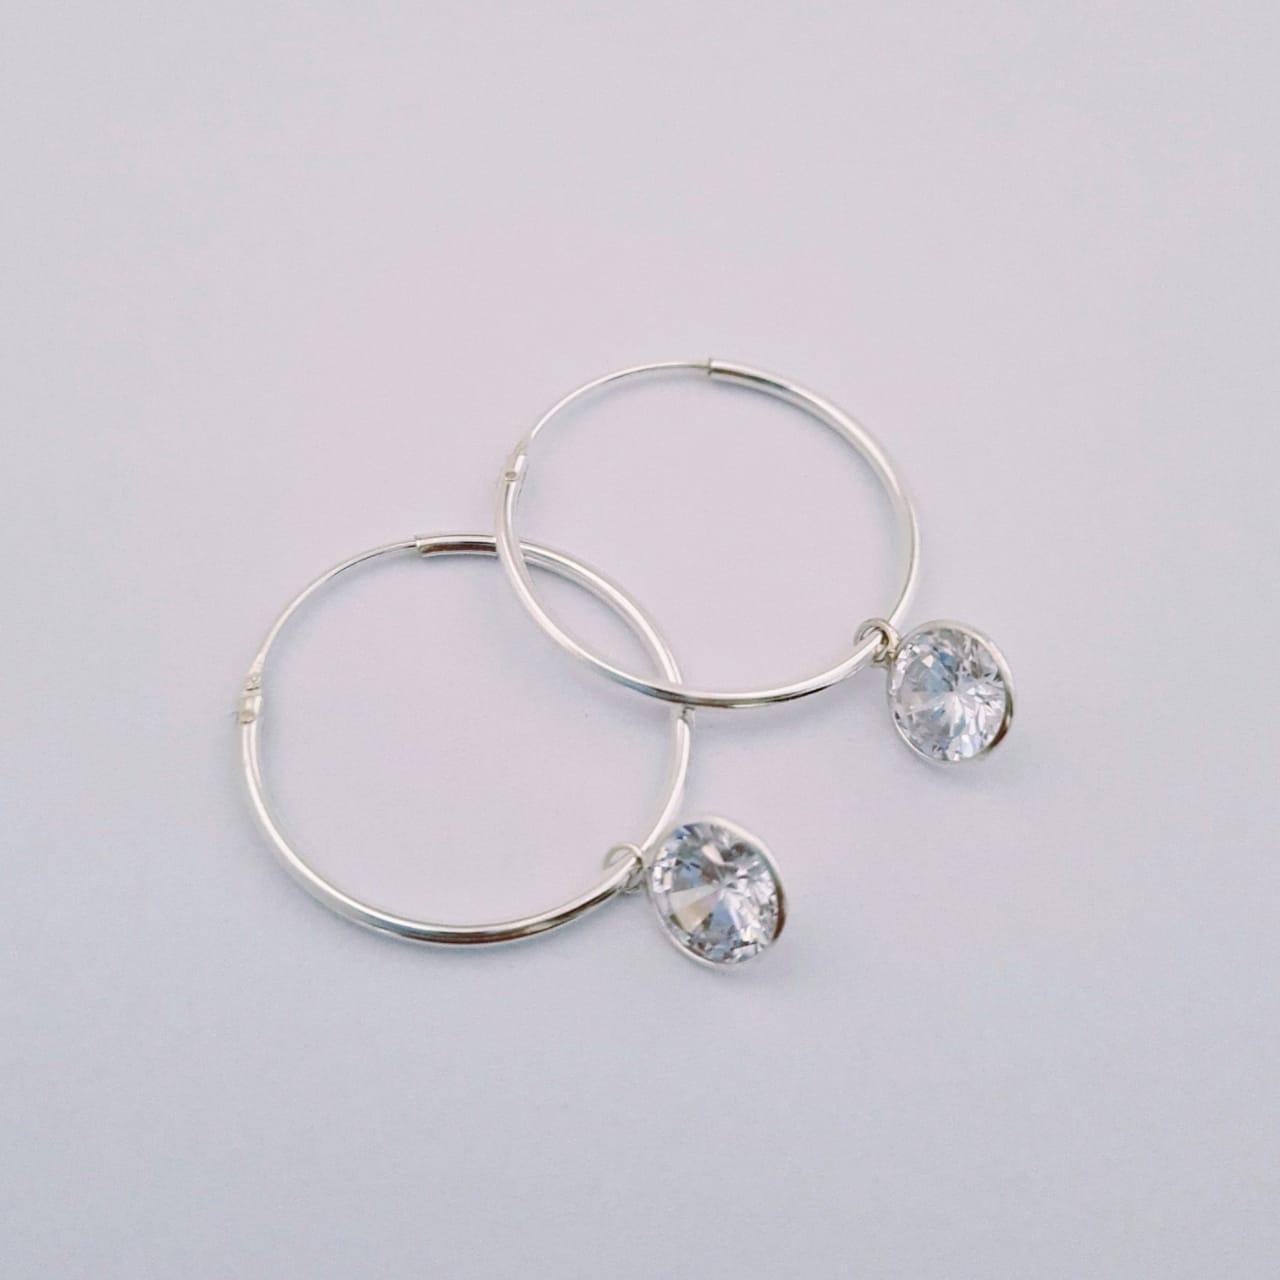 Brinco de Prata Argola Diamantezinho Zircônia